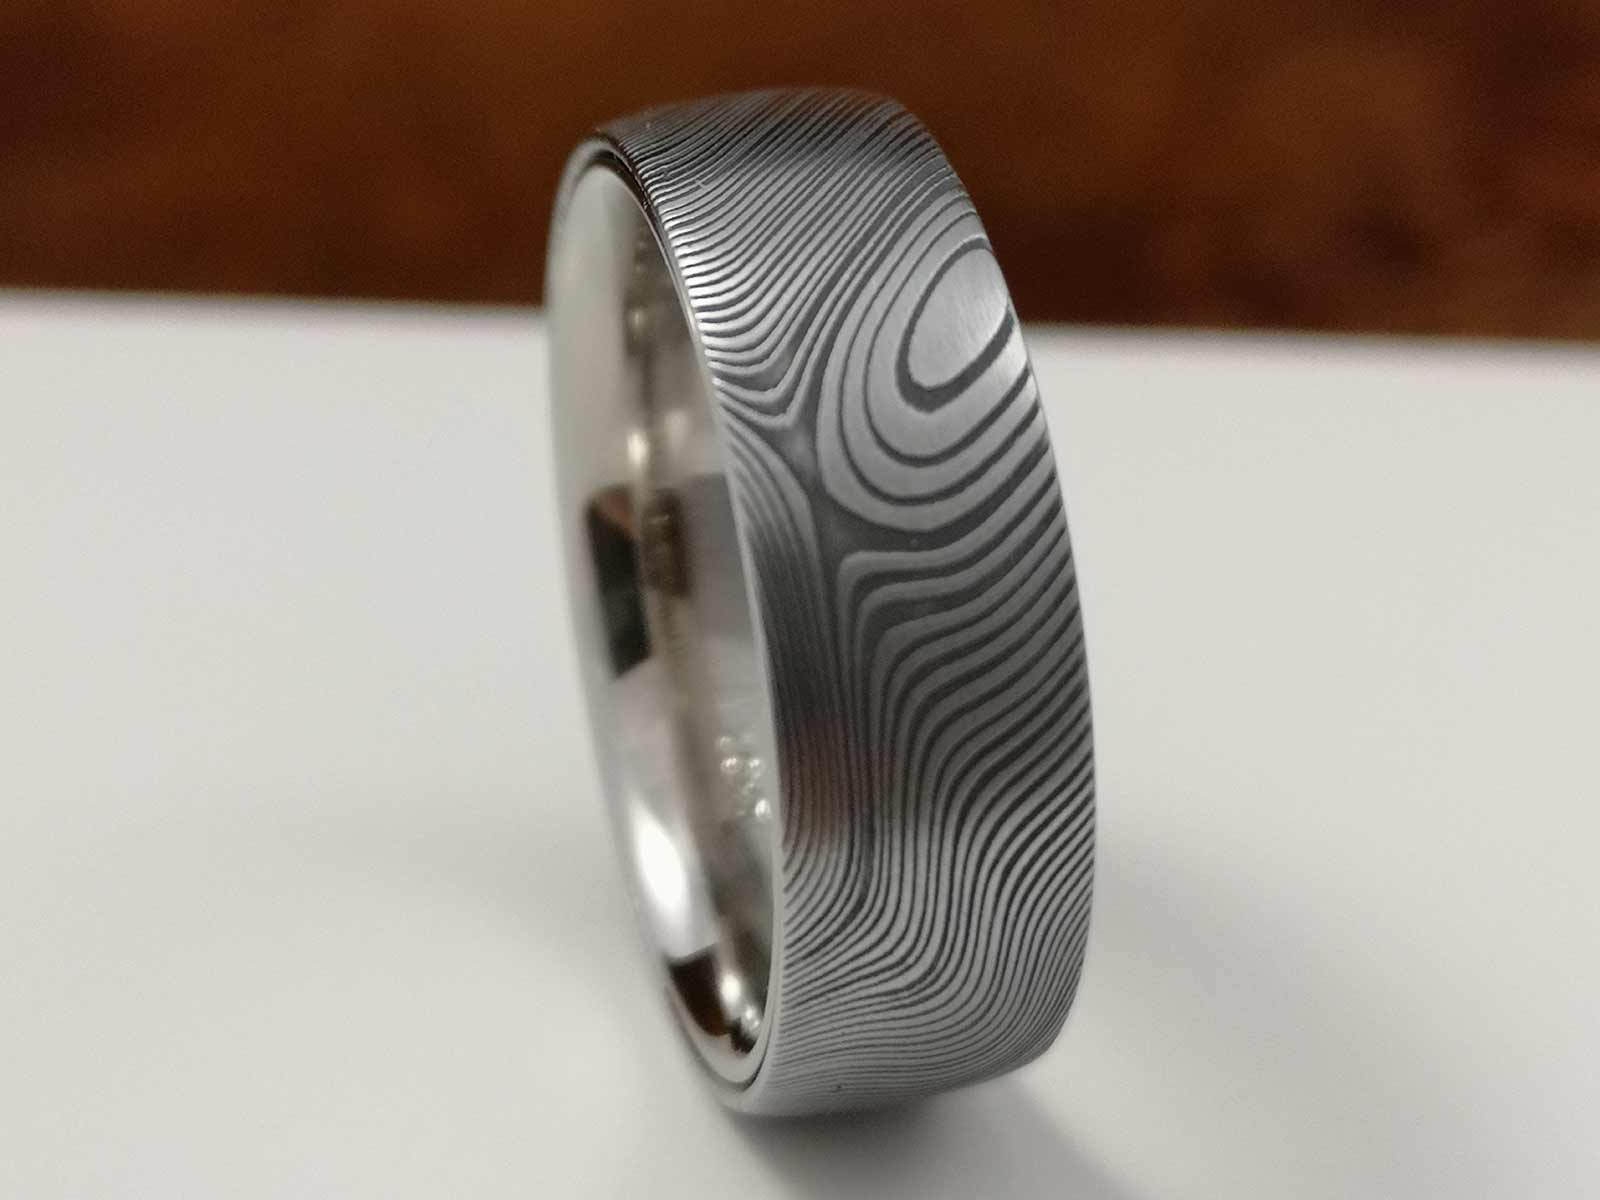 Der fertige Ring auf grauem Hintergrund